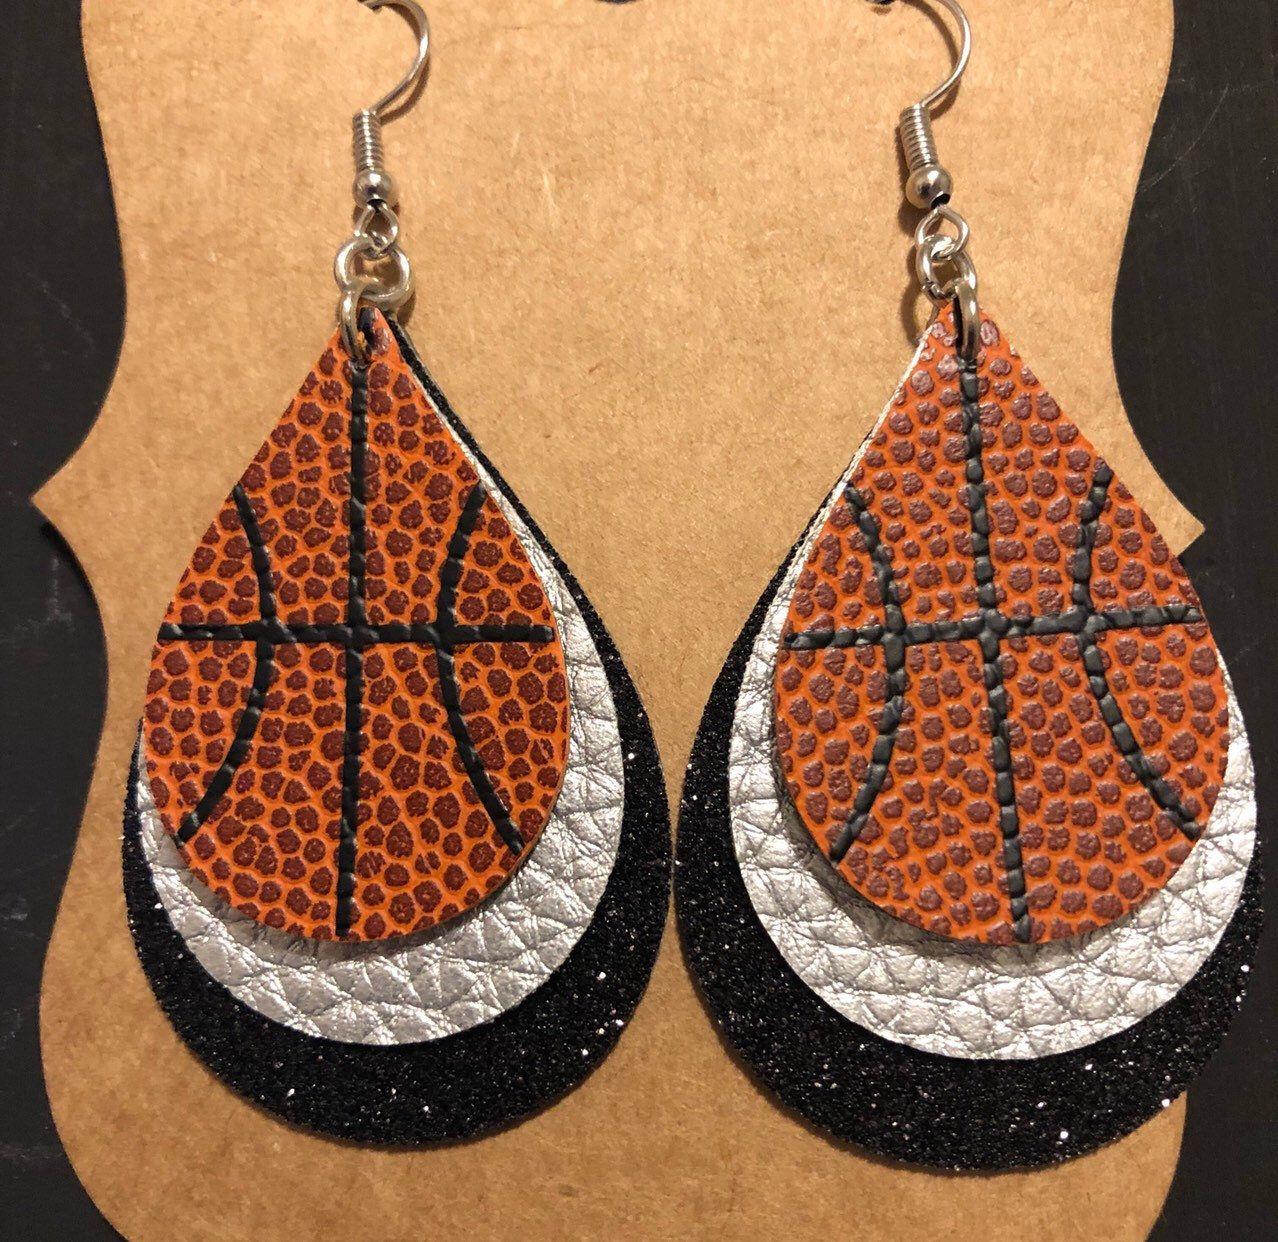 Color teardrop faux leather earrings